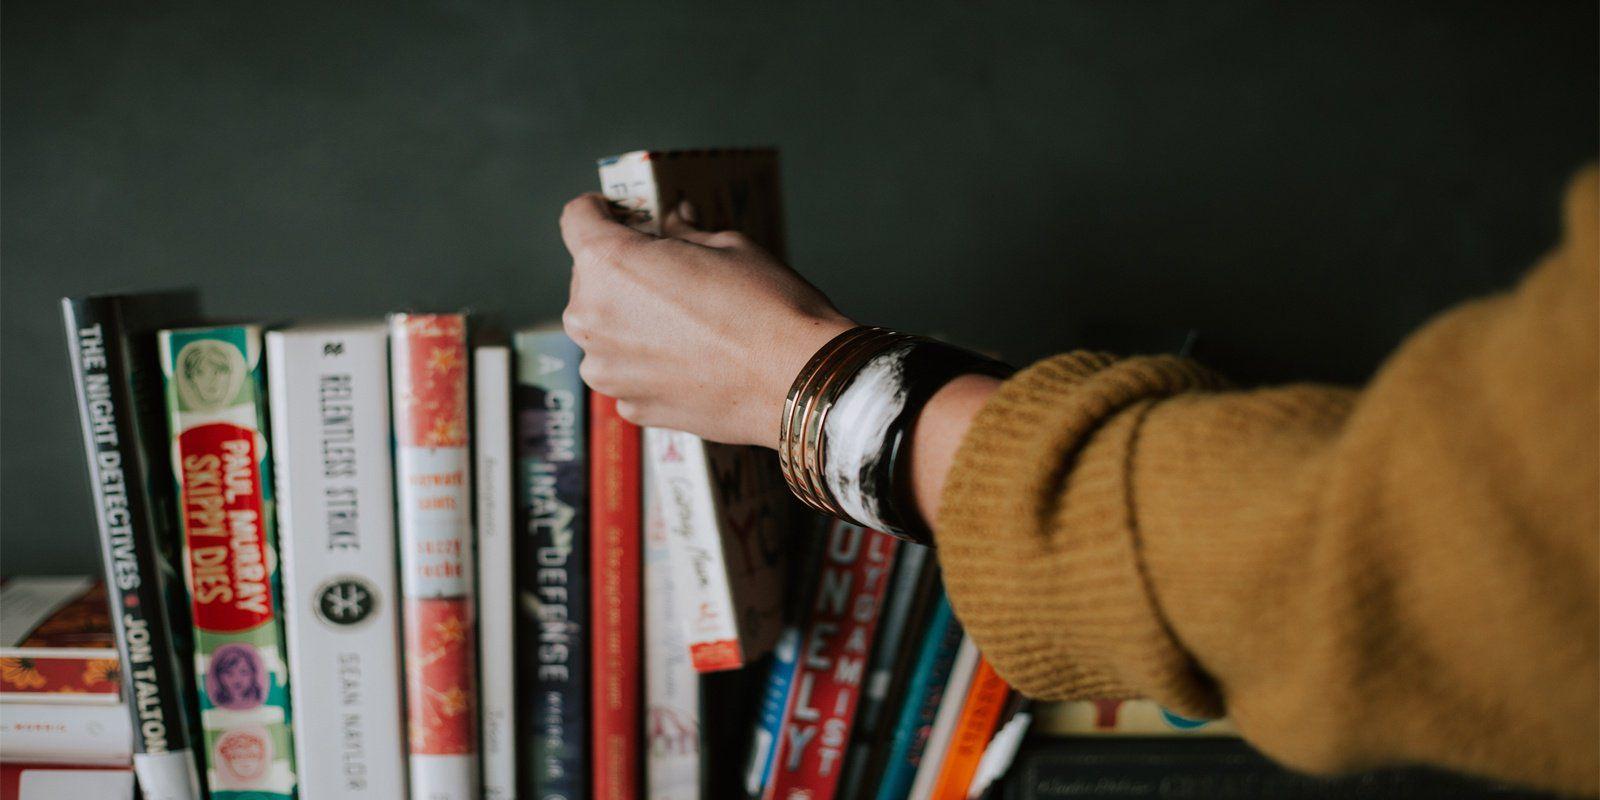 پرفروشترین کتابهای جهان را بشناسید